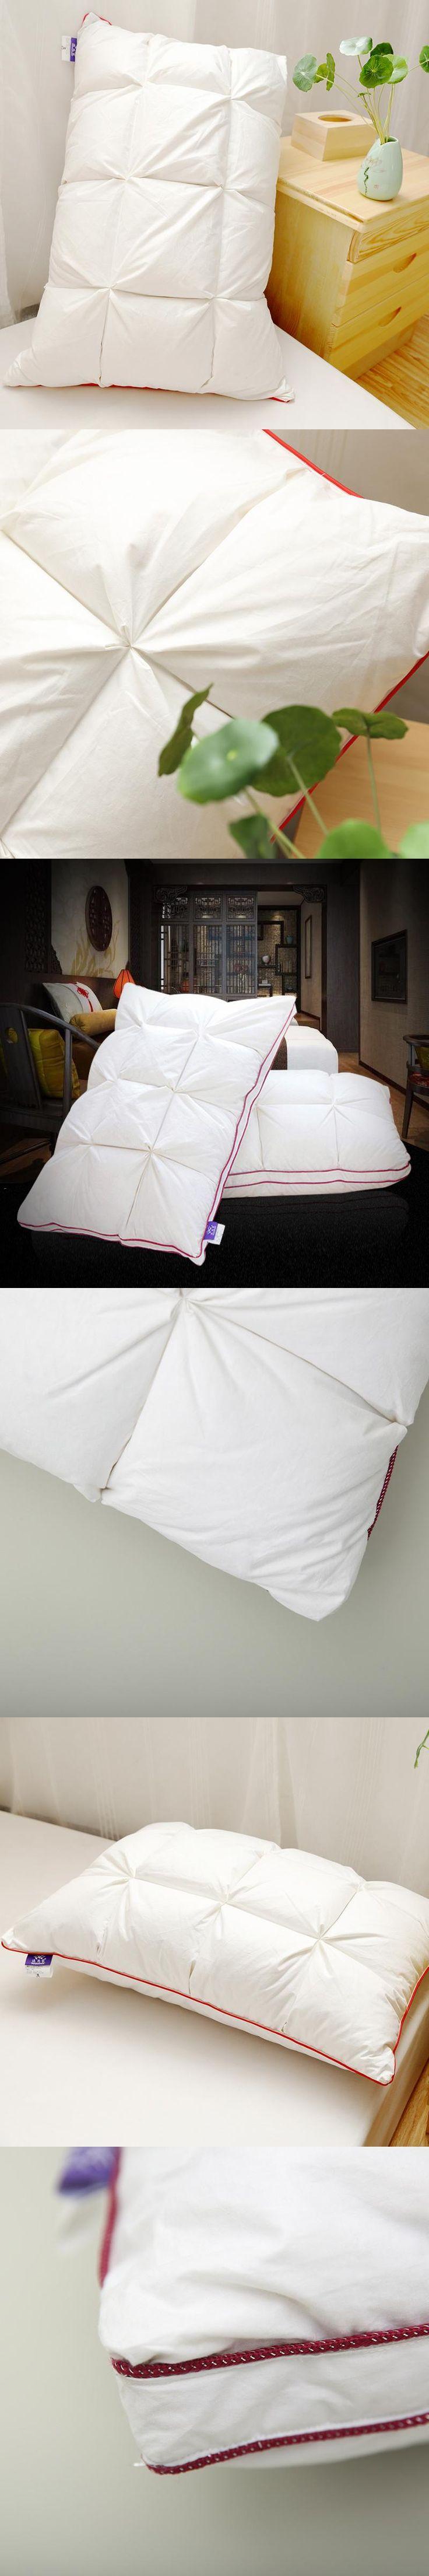 Best Goose down pillows ideas on Pinterest